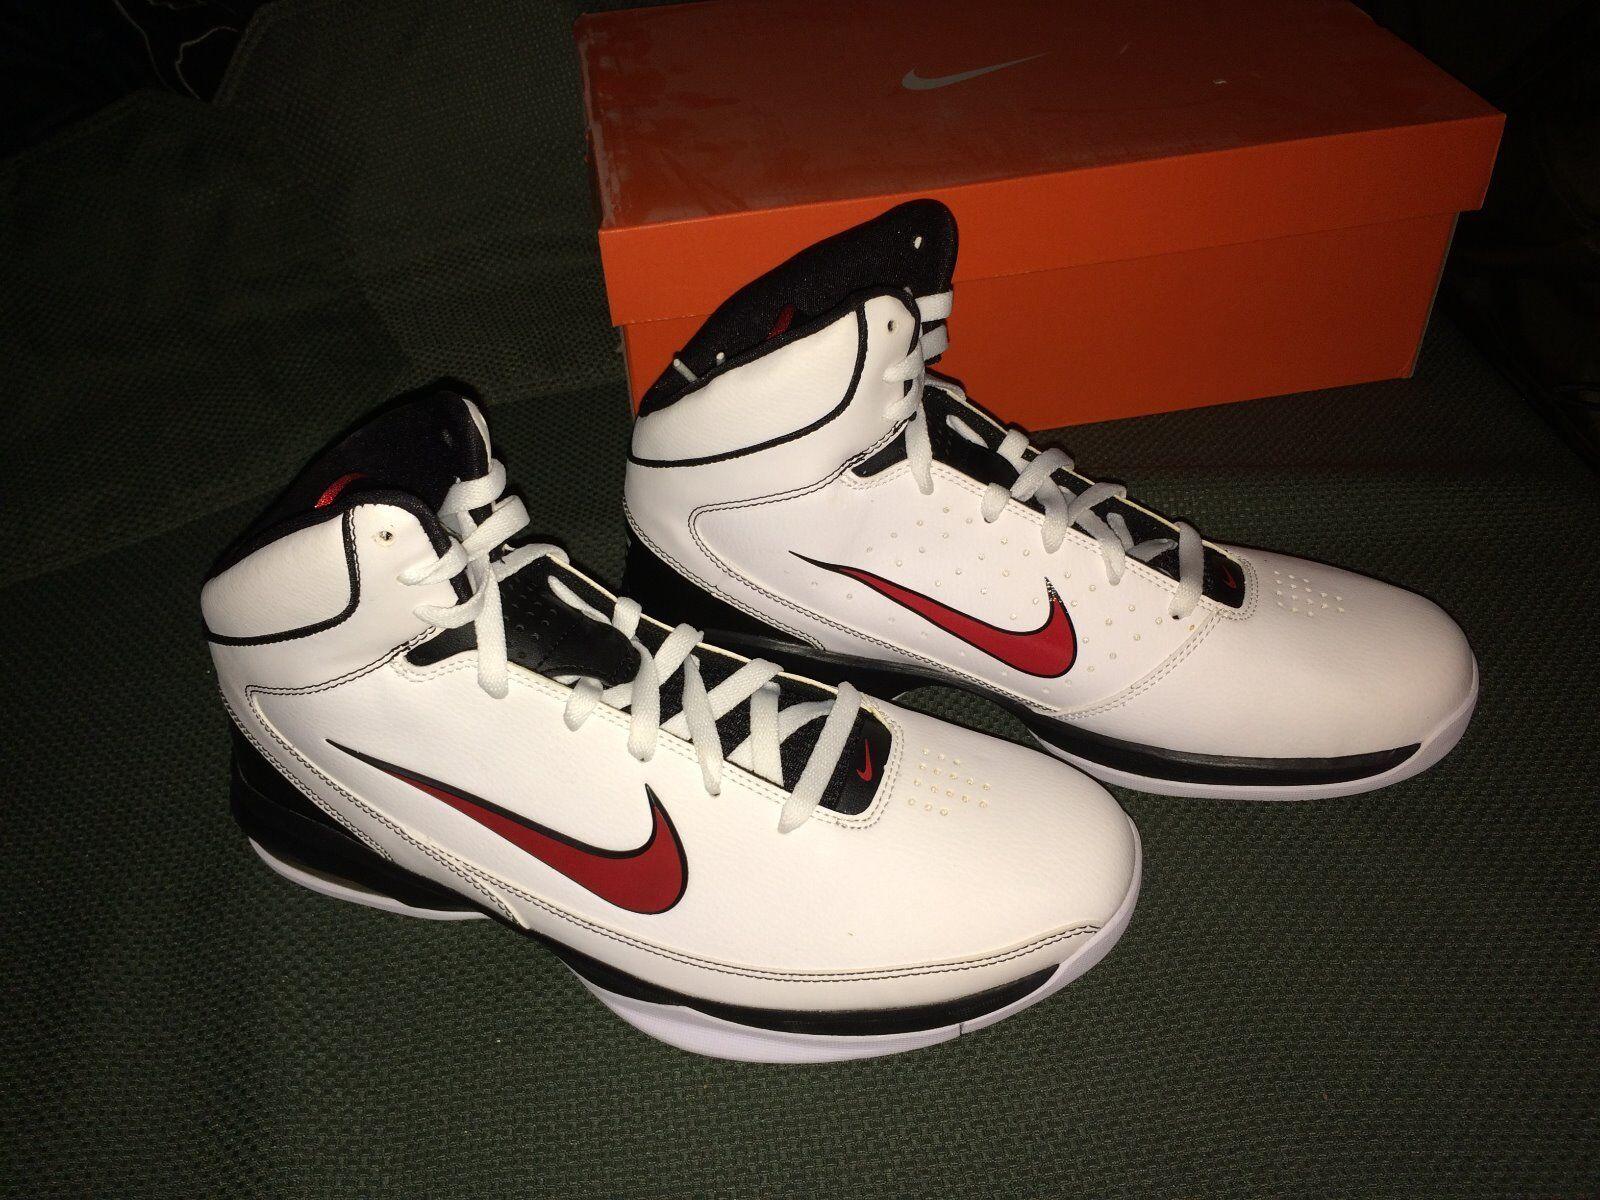 Nike air max ostentate bianco rosso taglia - nero basket scarpe taglia rosso uomini noi 11 13032c